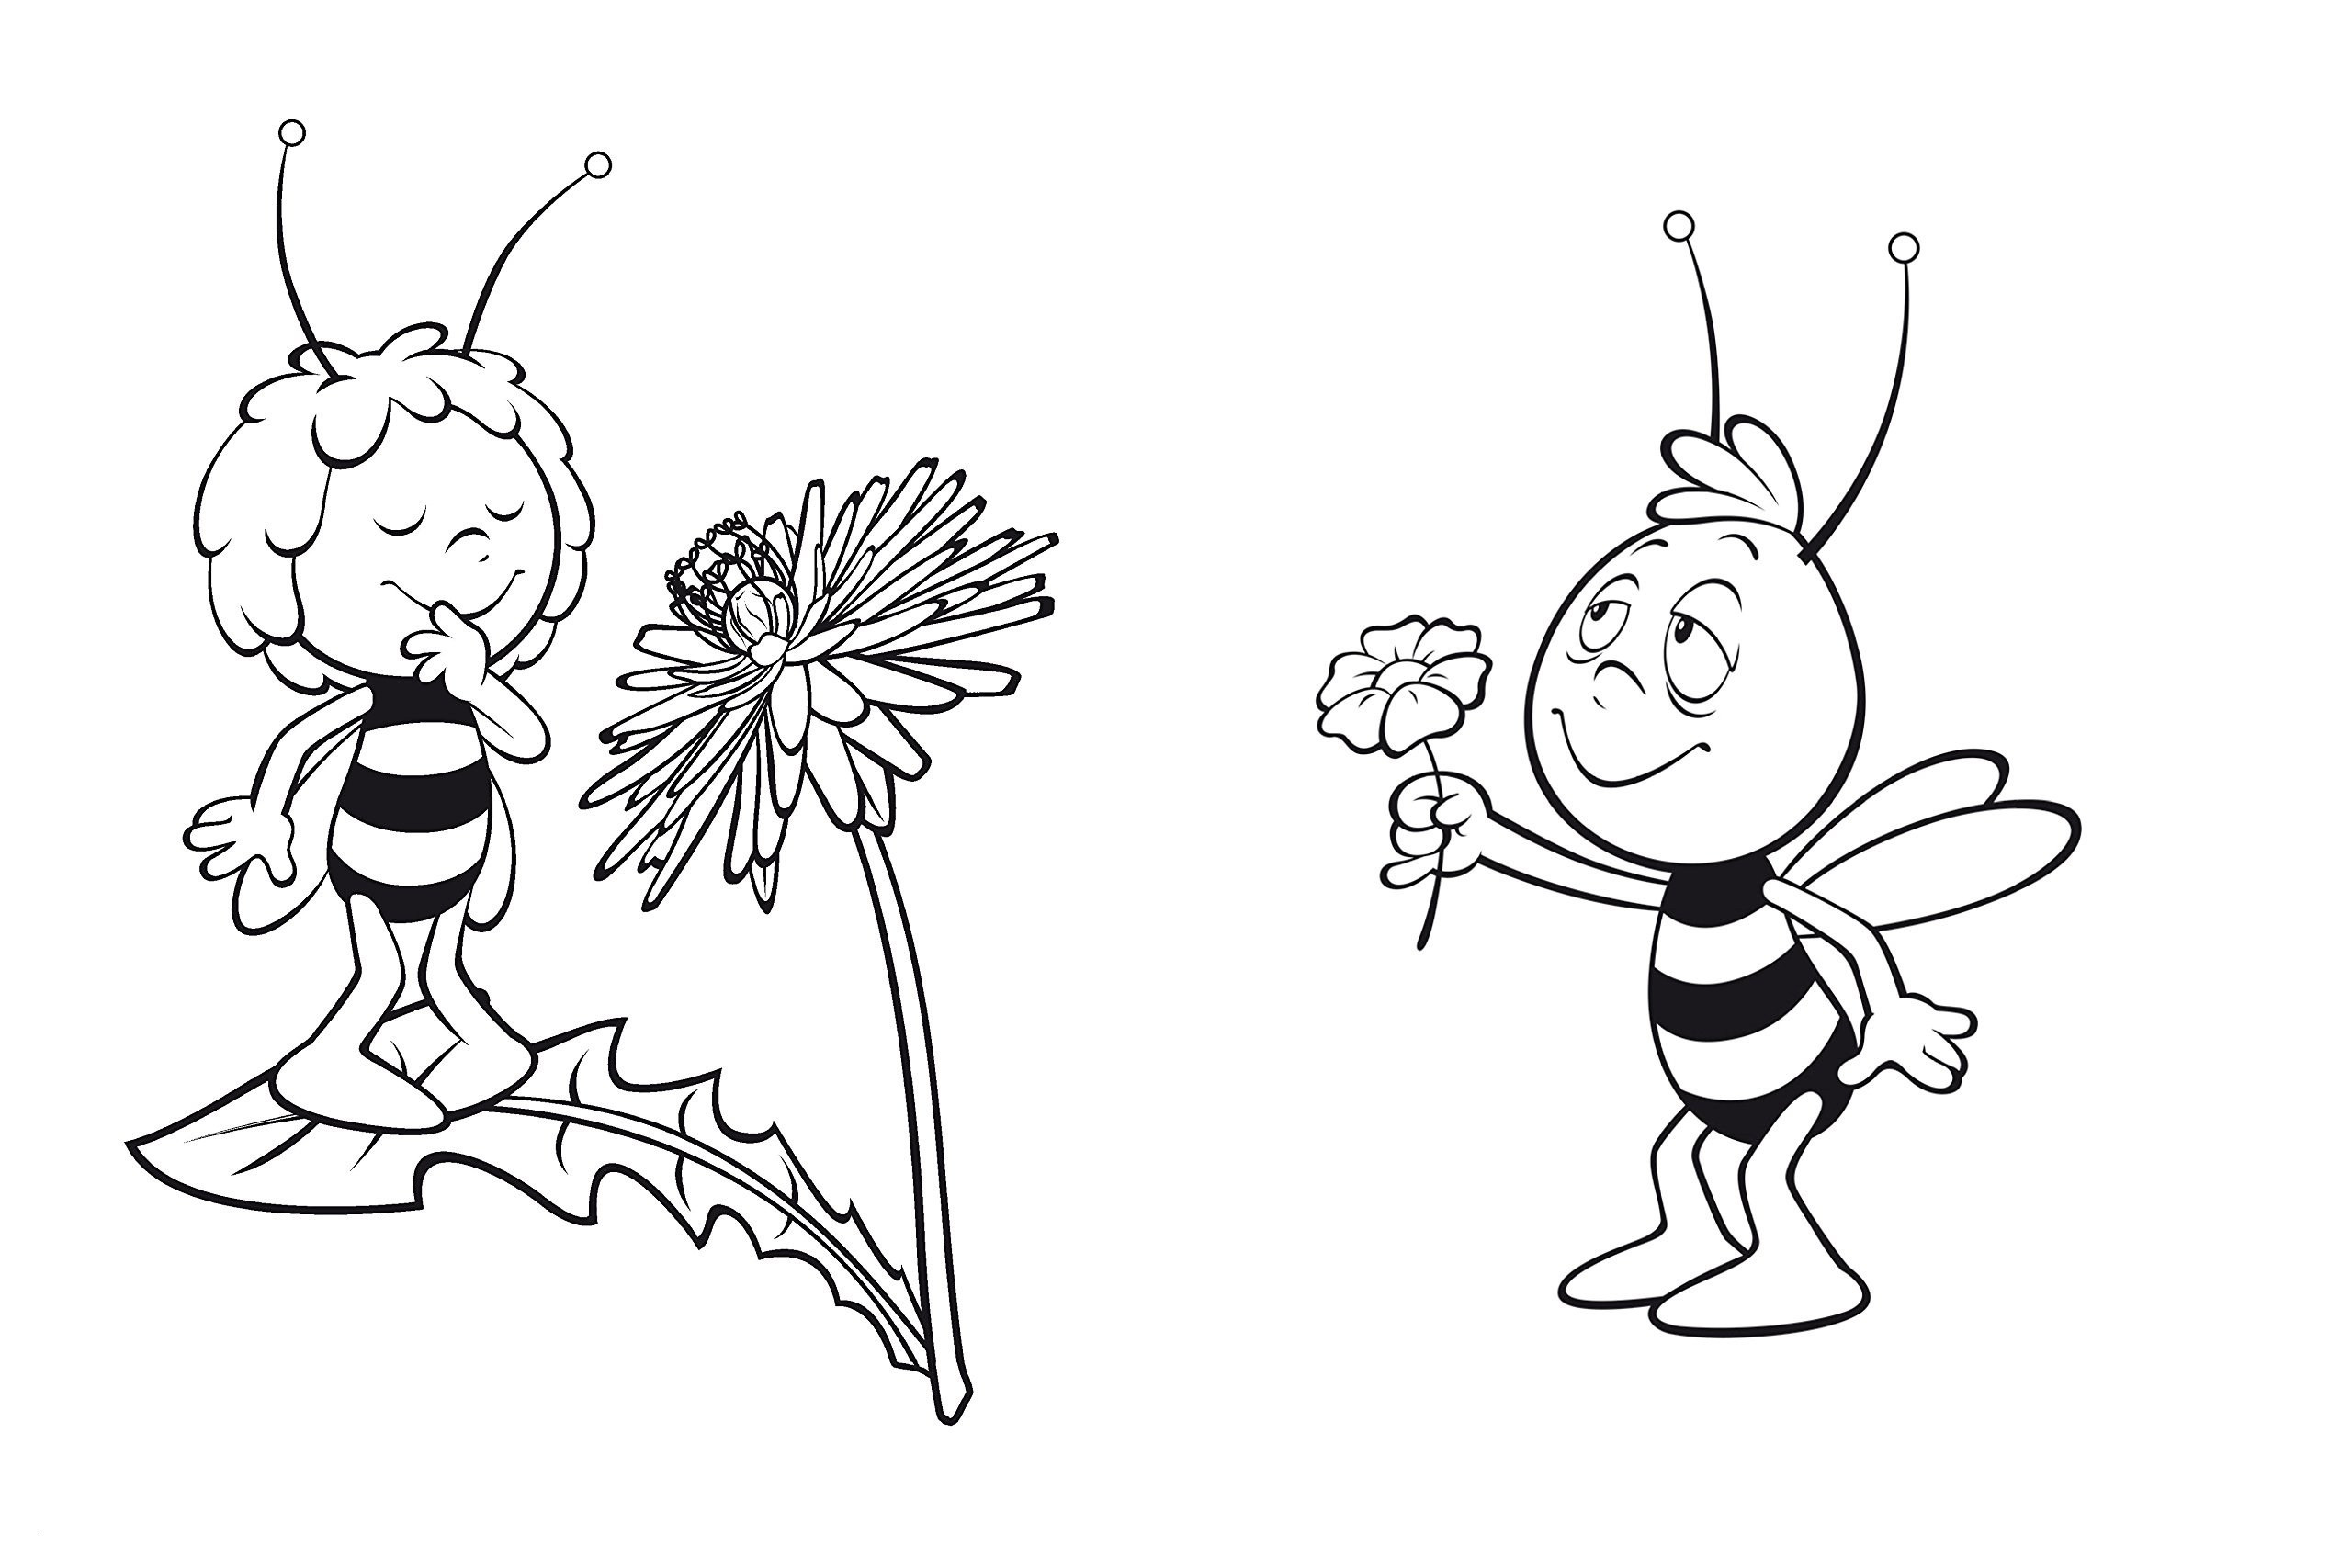 Malvorlagen Biene Maja Das Beste Von 35 Ausmalbilder Biene Maja Und Willi Scoredatscore Neu Ausmalbilder Bilder